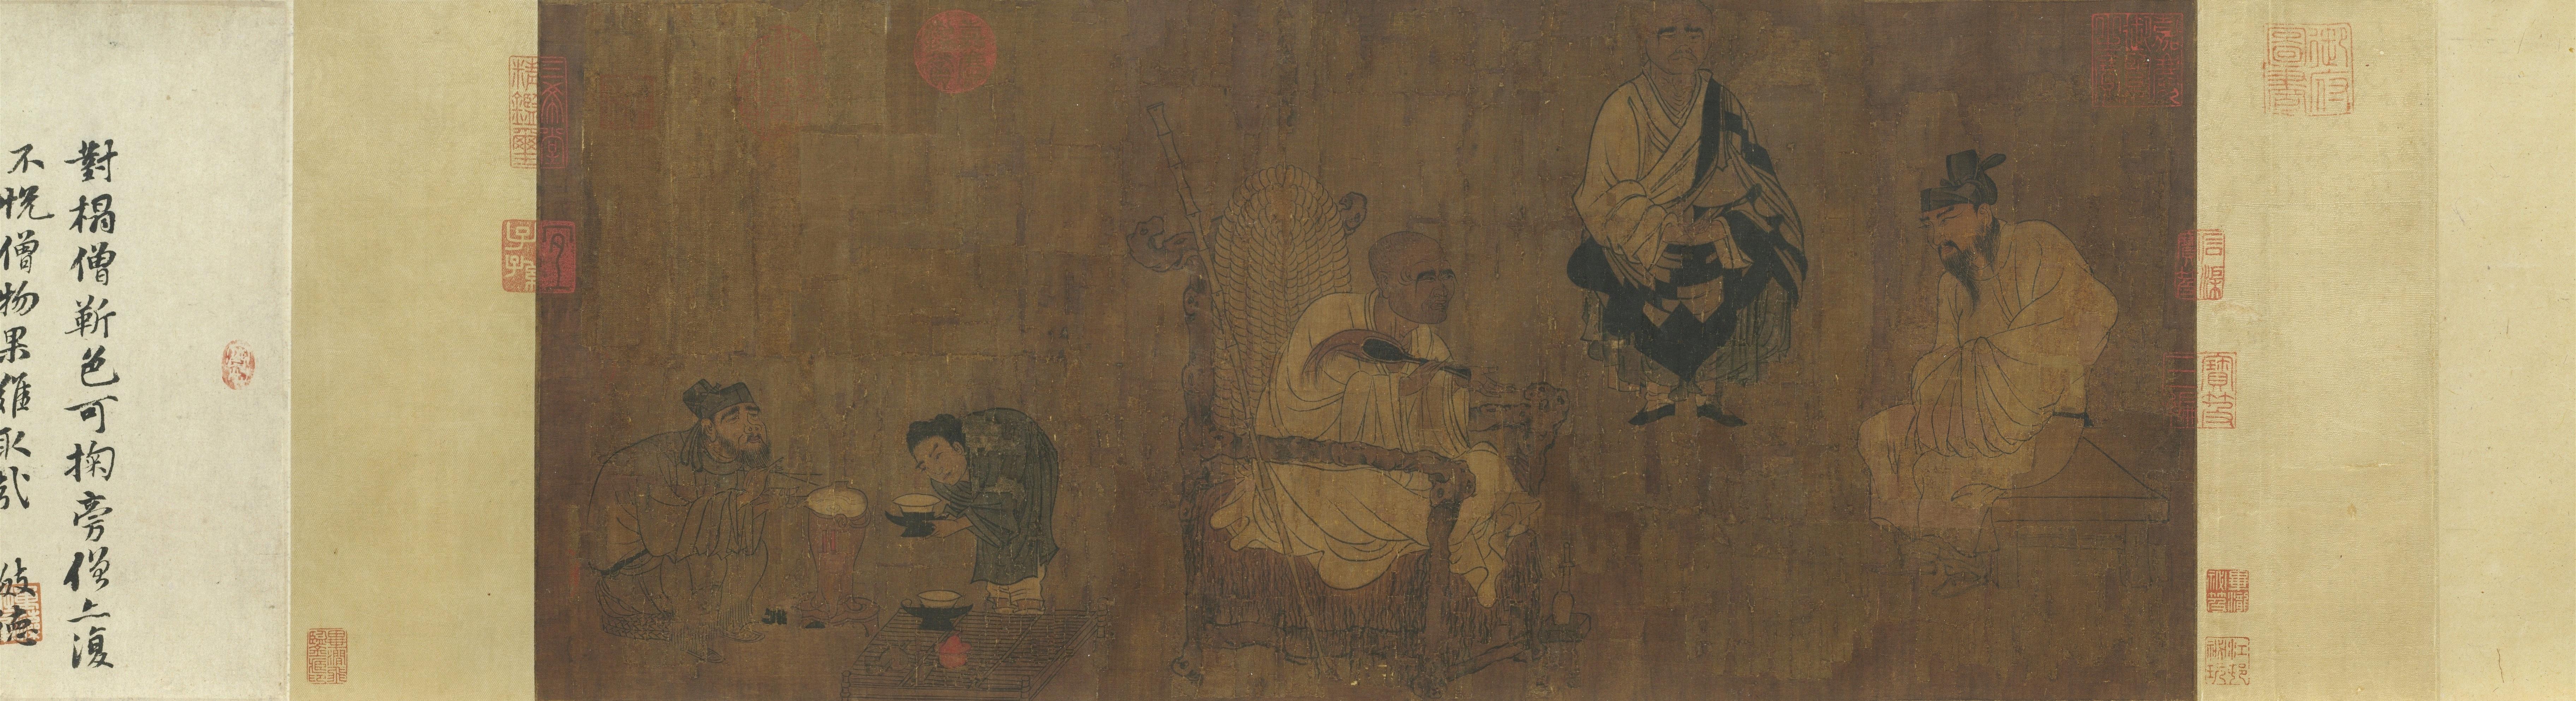 Xiao Yi Trying to Swipe the Lanting Scroll